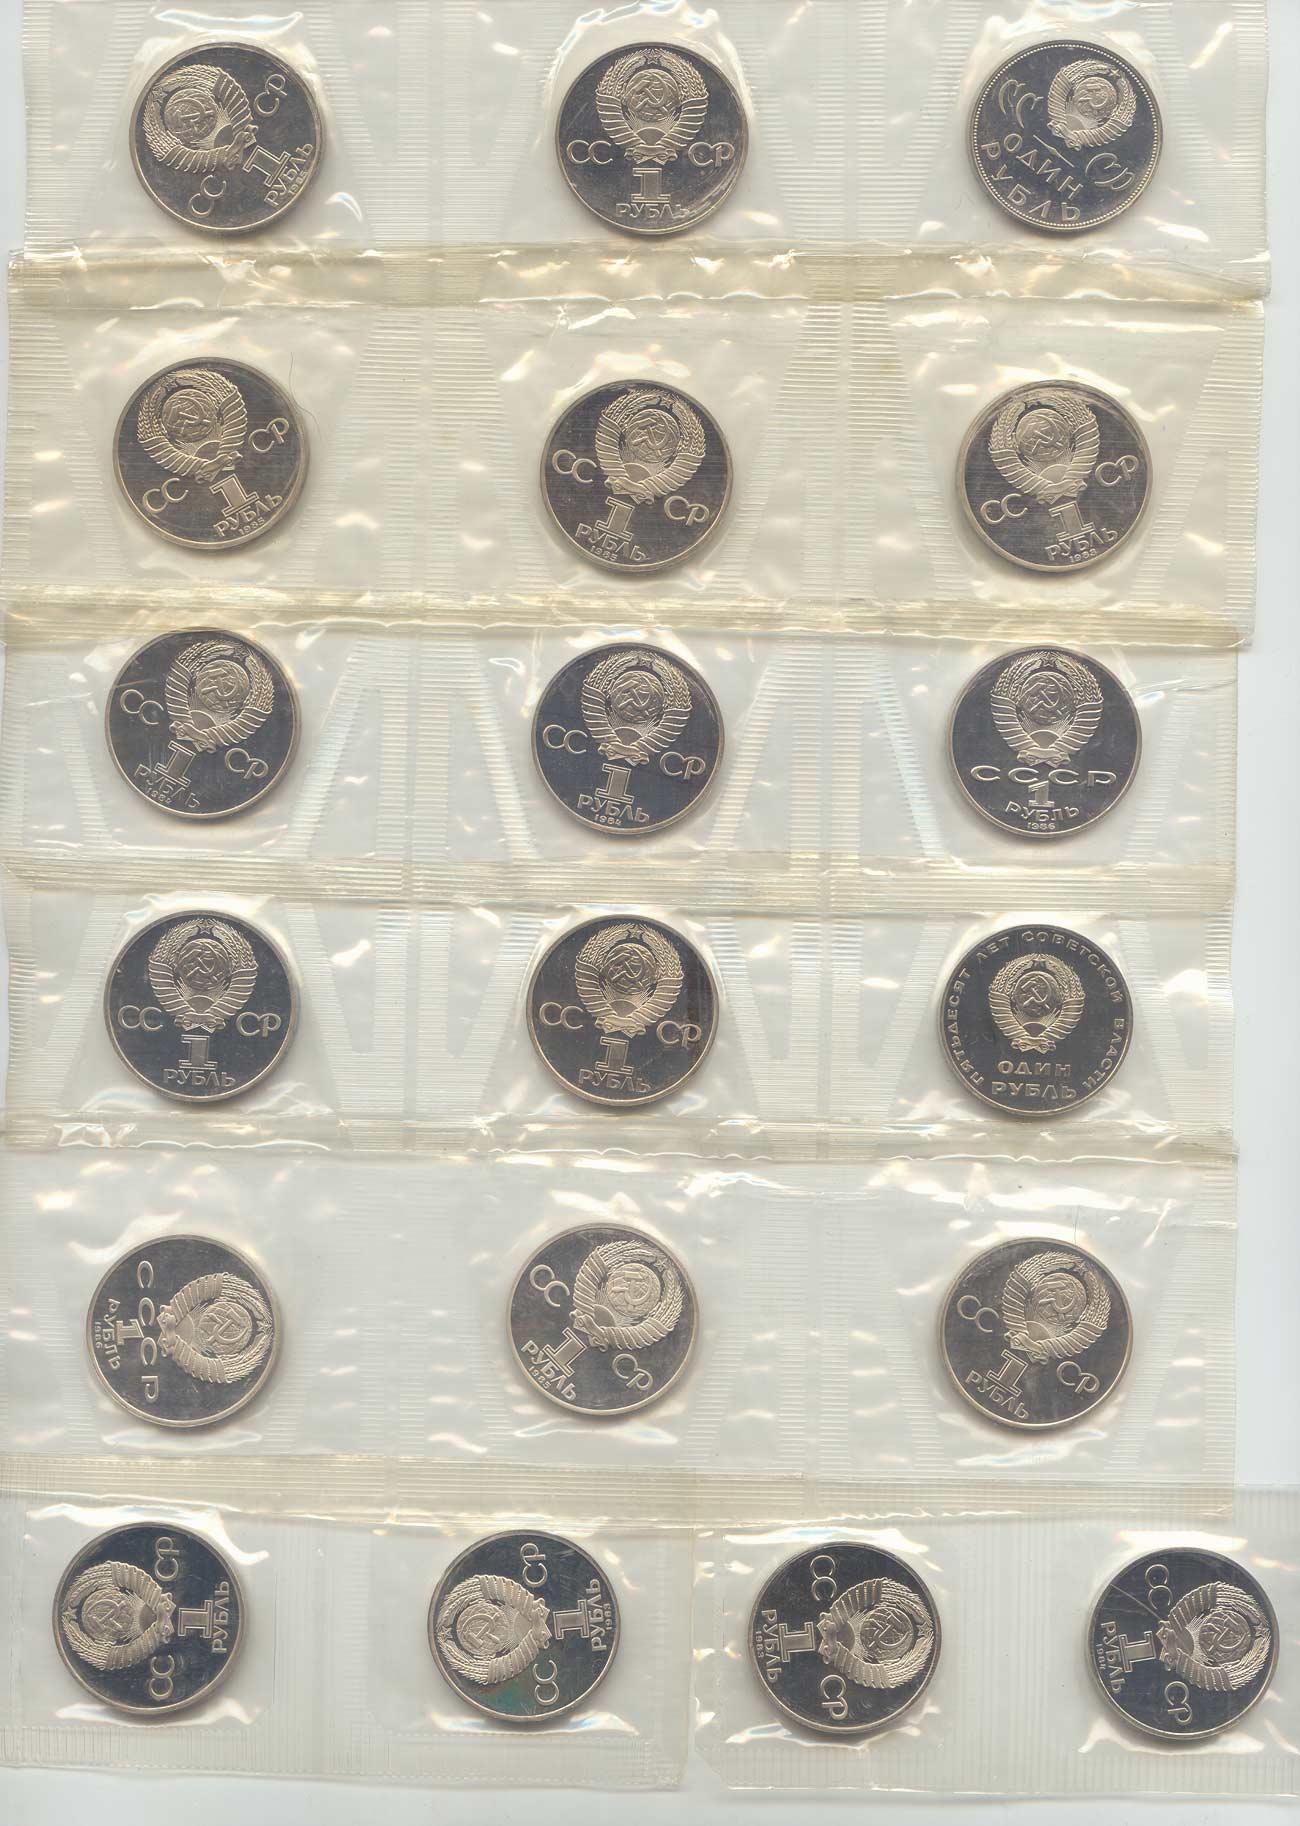 Новоделы proof 19 штук юбилейные рубли